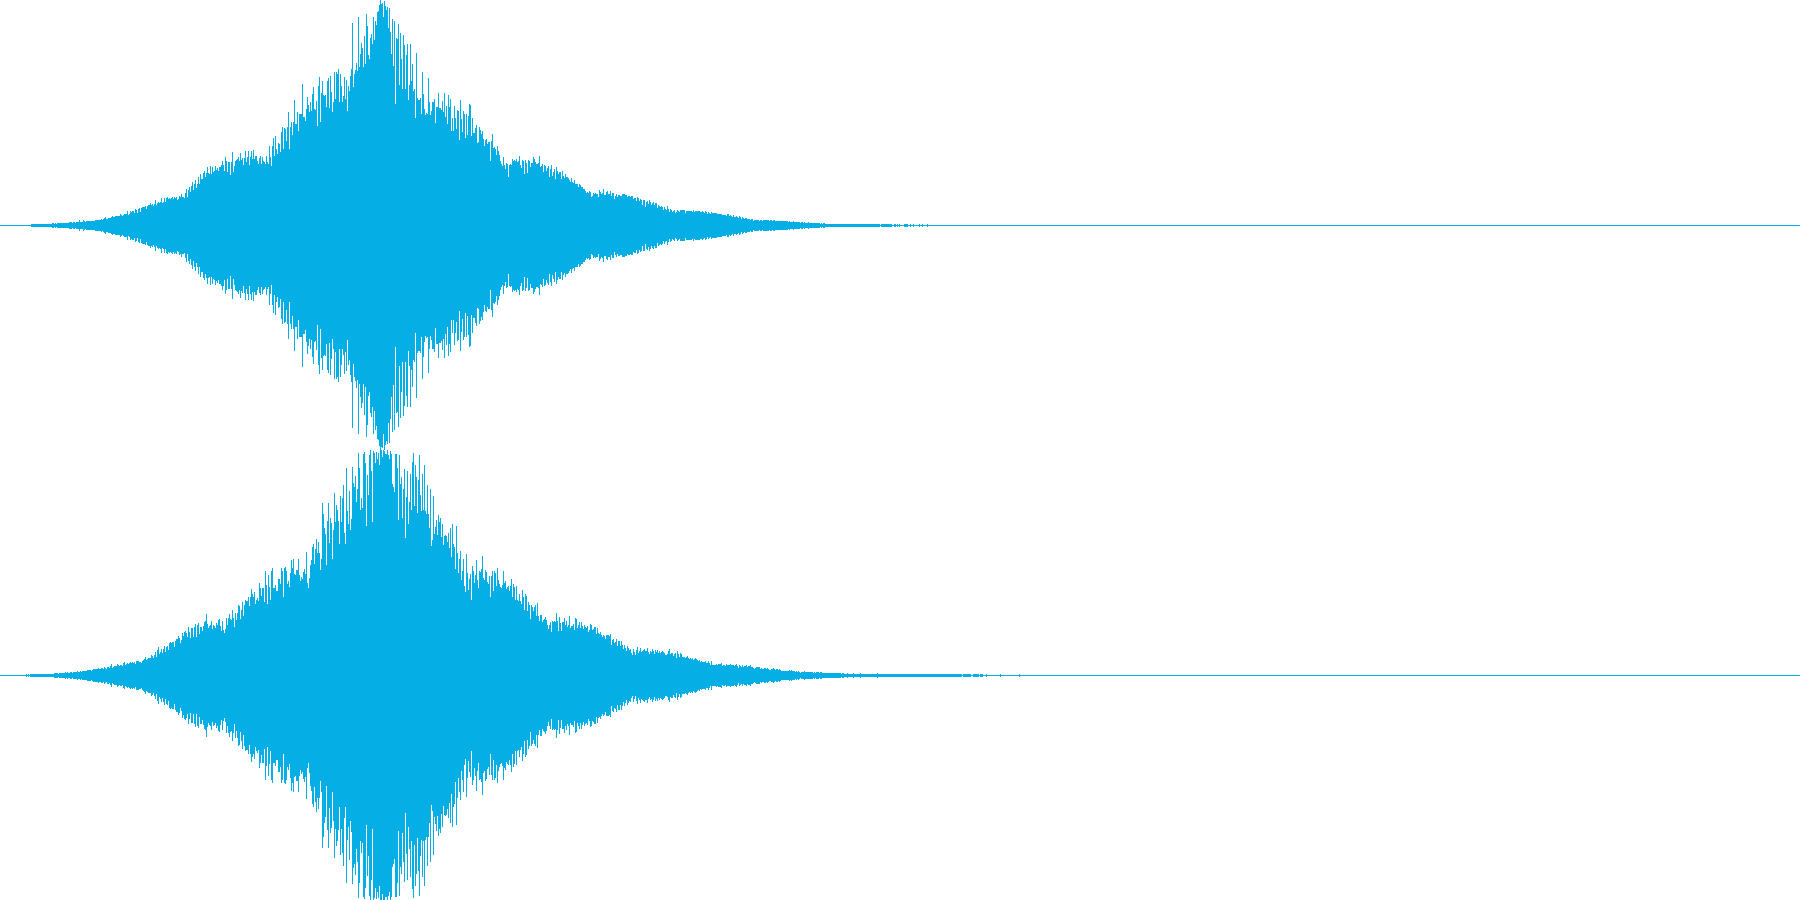 インパクト/フェード/大きくなる/重厚2の再生済みの波形